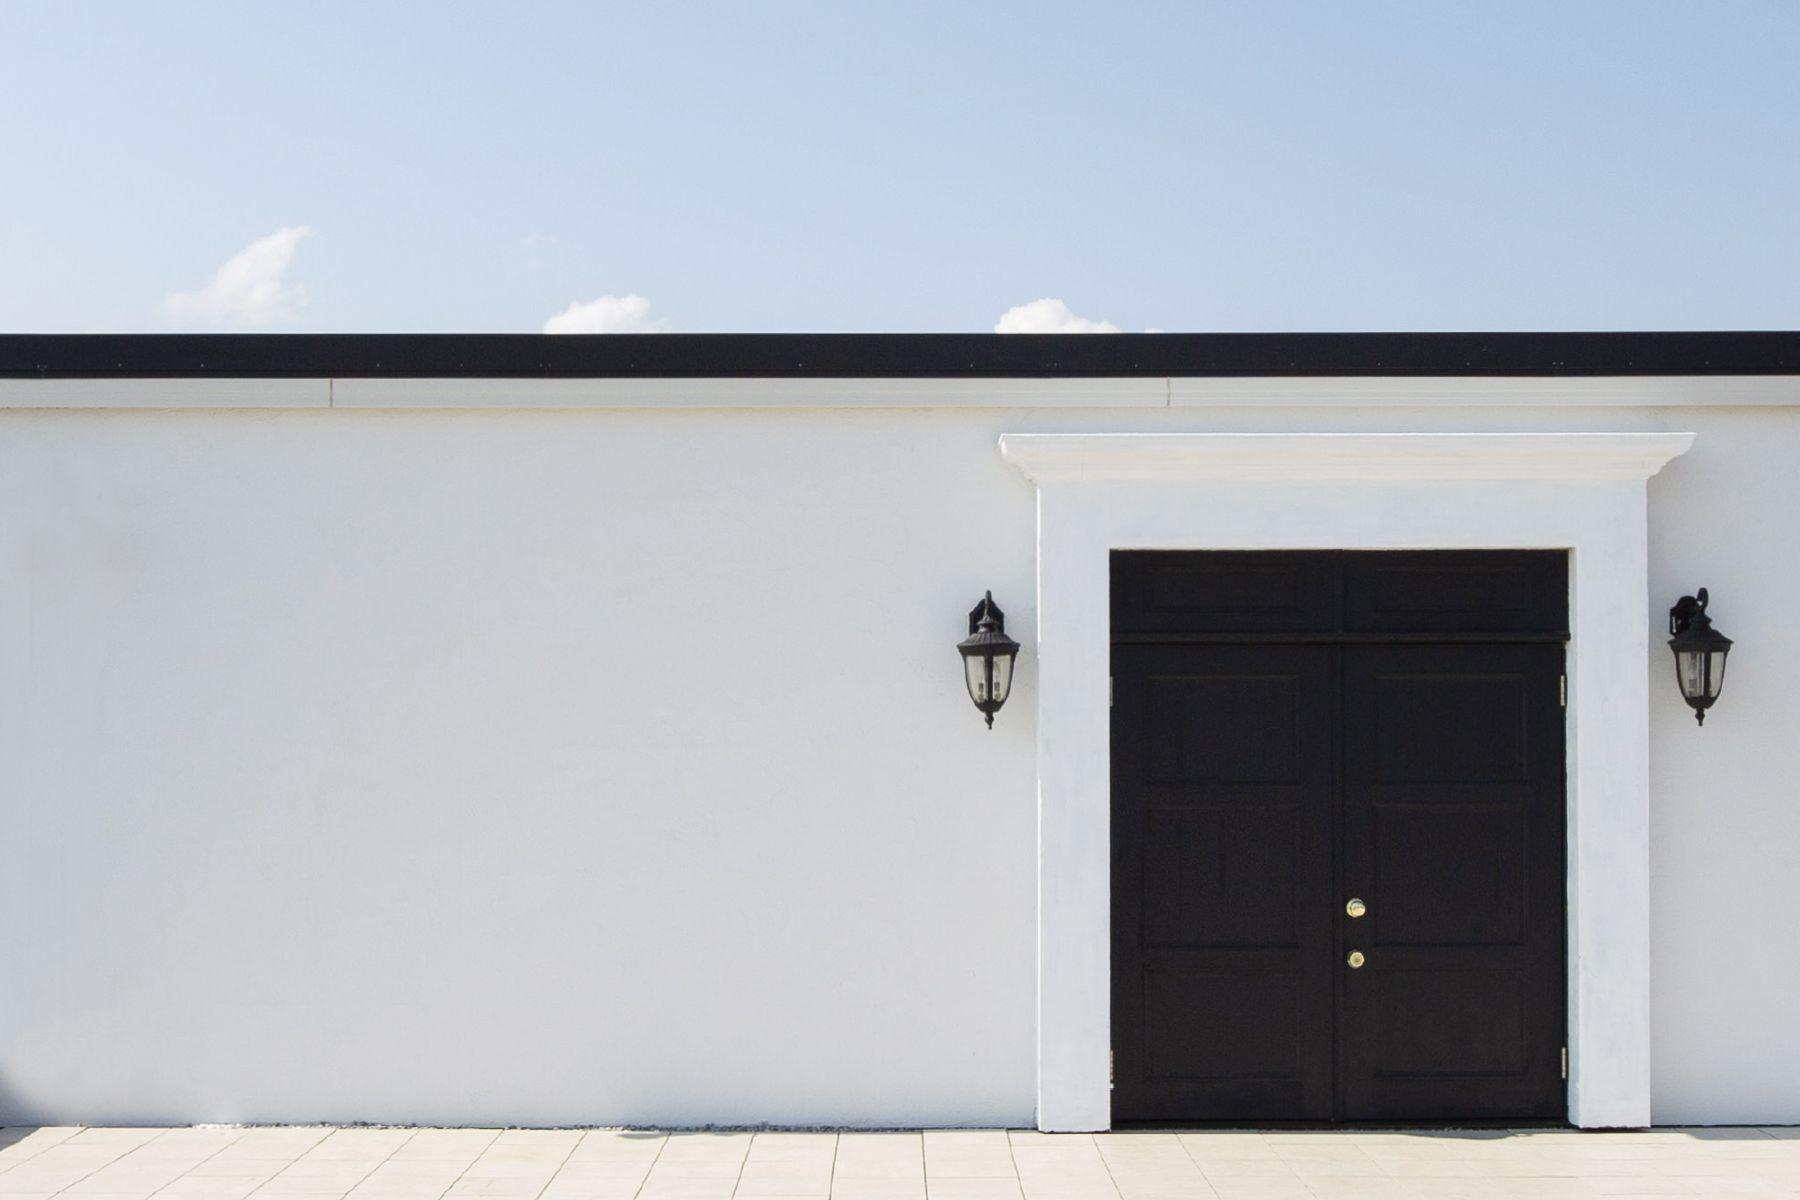 Studio One Kujyukuri Beach (スタジオ ワン クジュウクリ ビーチ)漆喰の白壁とブラックの扉